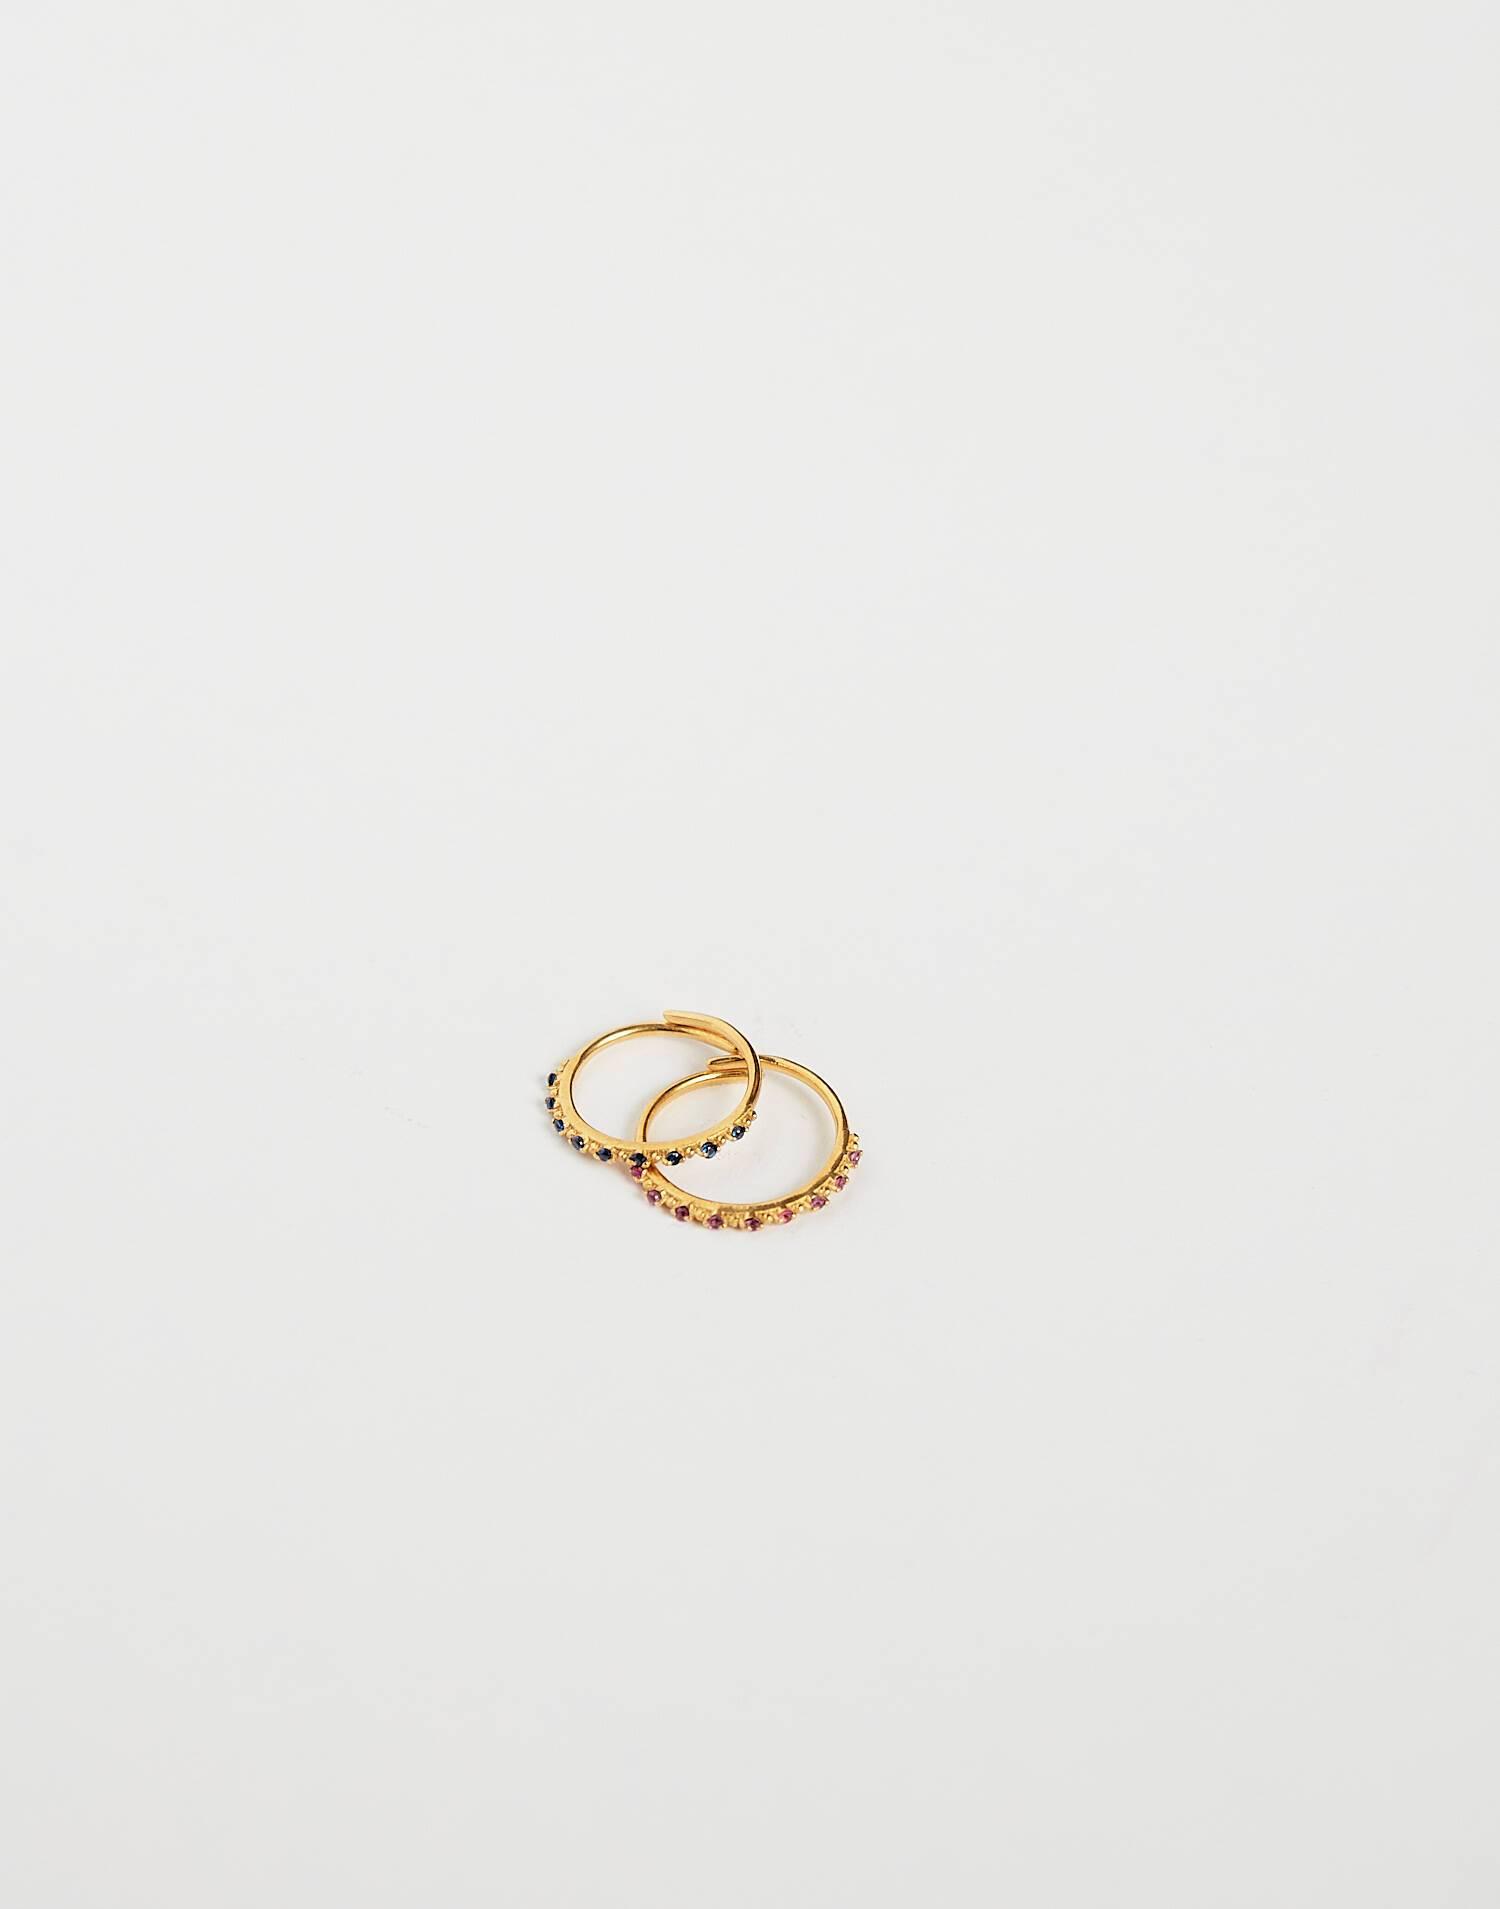 Set mit zwei feinen vergoldeten edelsteinringen